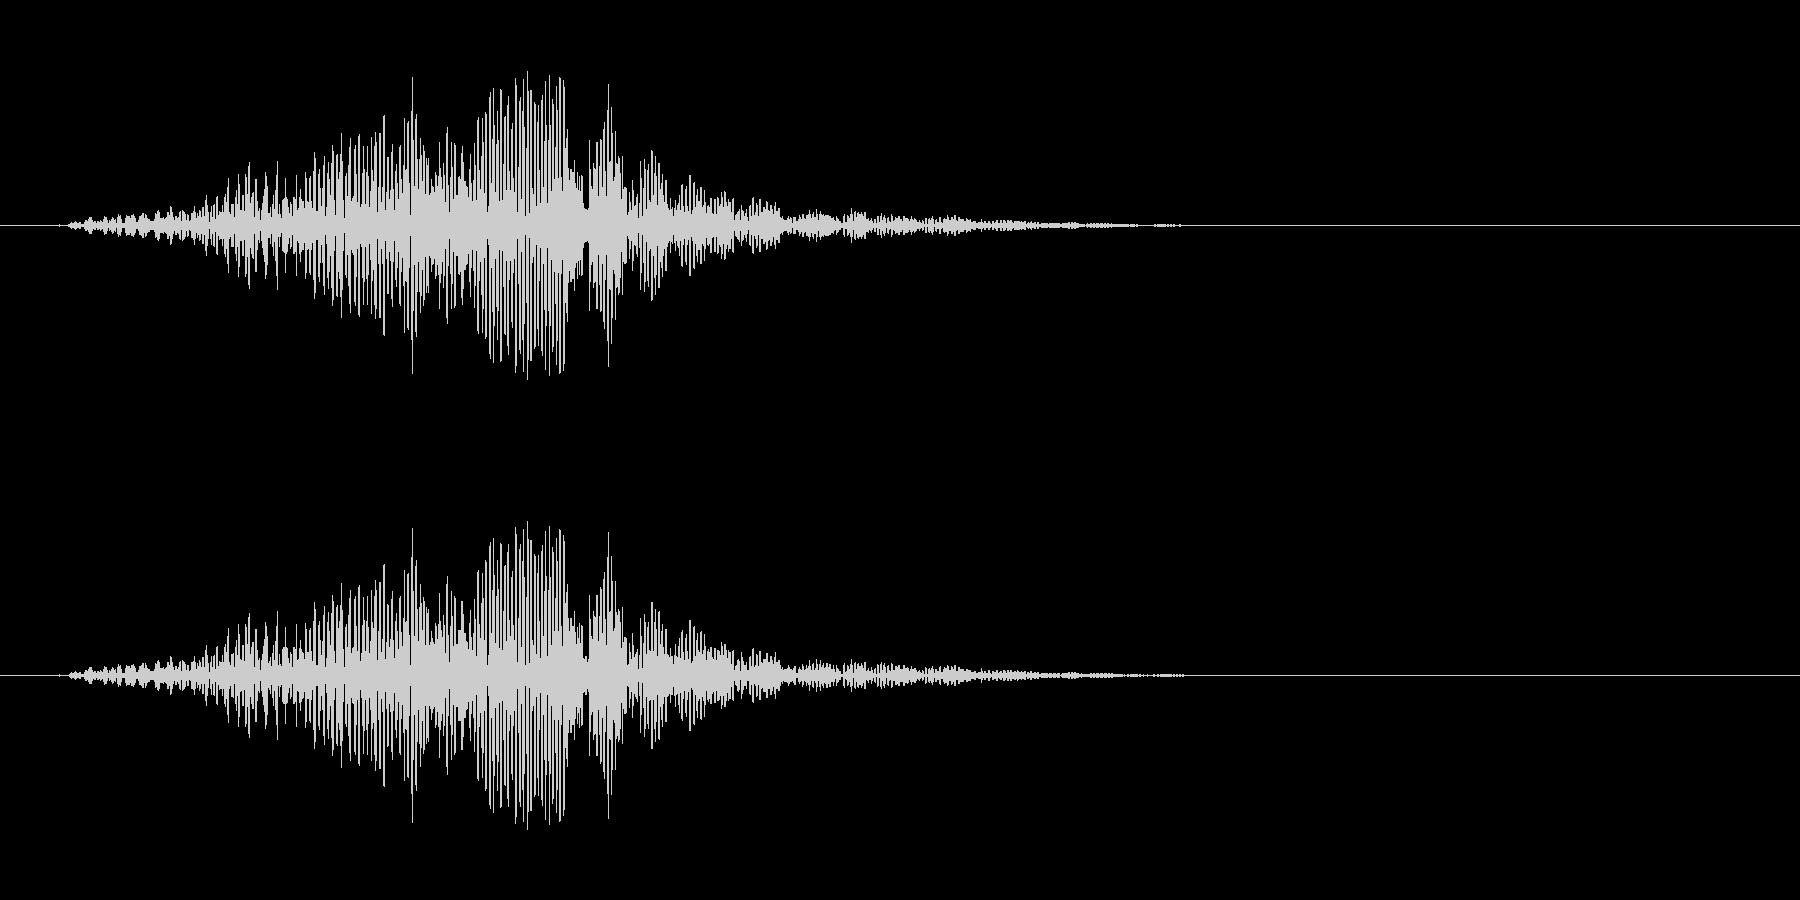 不気味に響く声らしき音…の未再生の波形